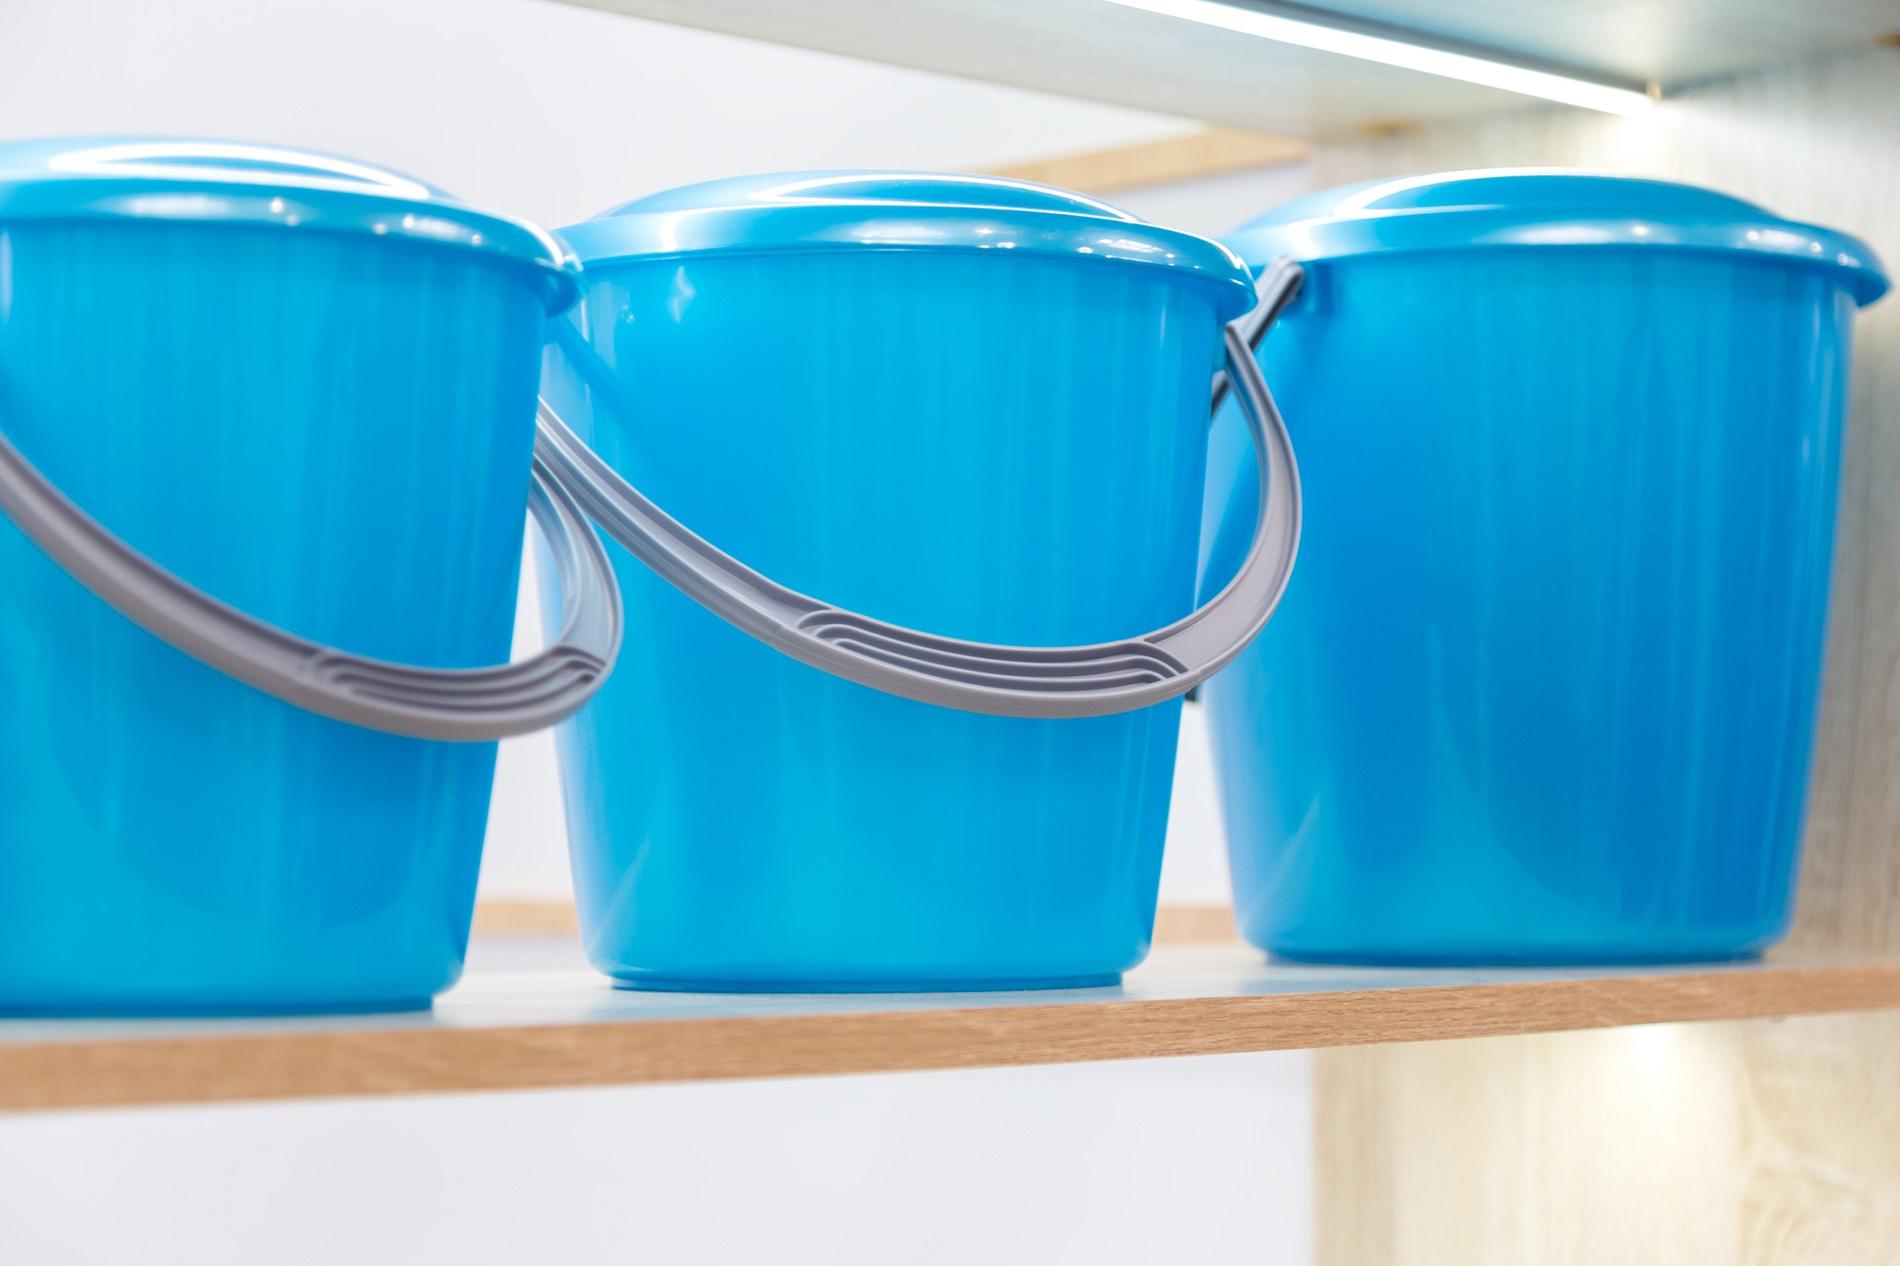 Jakie wiadra plastikowe znajdą zastosowanie w warsztatach?